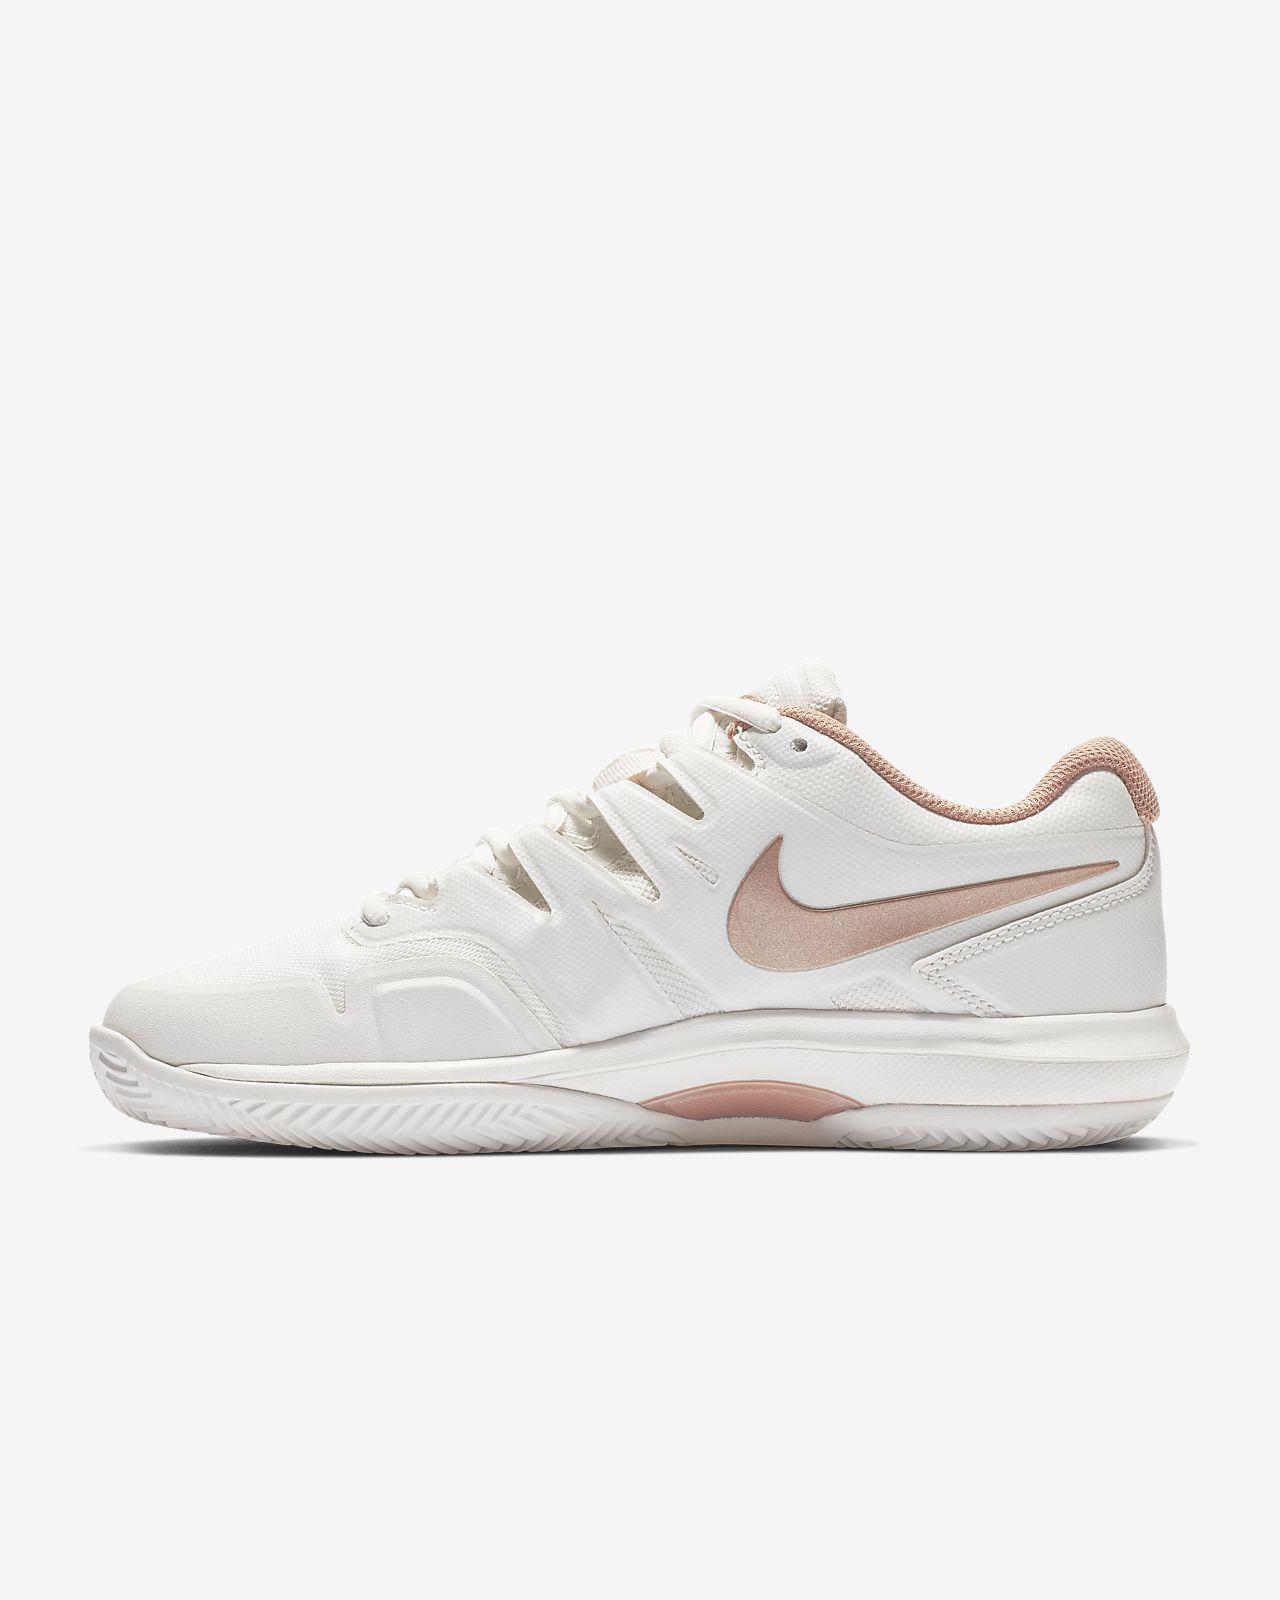 fedf37ae17653 Nike Air Zoom Prestige Clay Zapatillas de tenis - Mujer. Nike.com ES